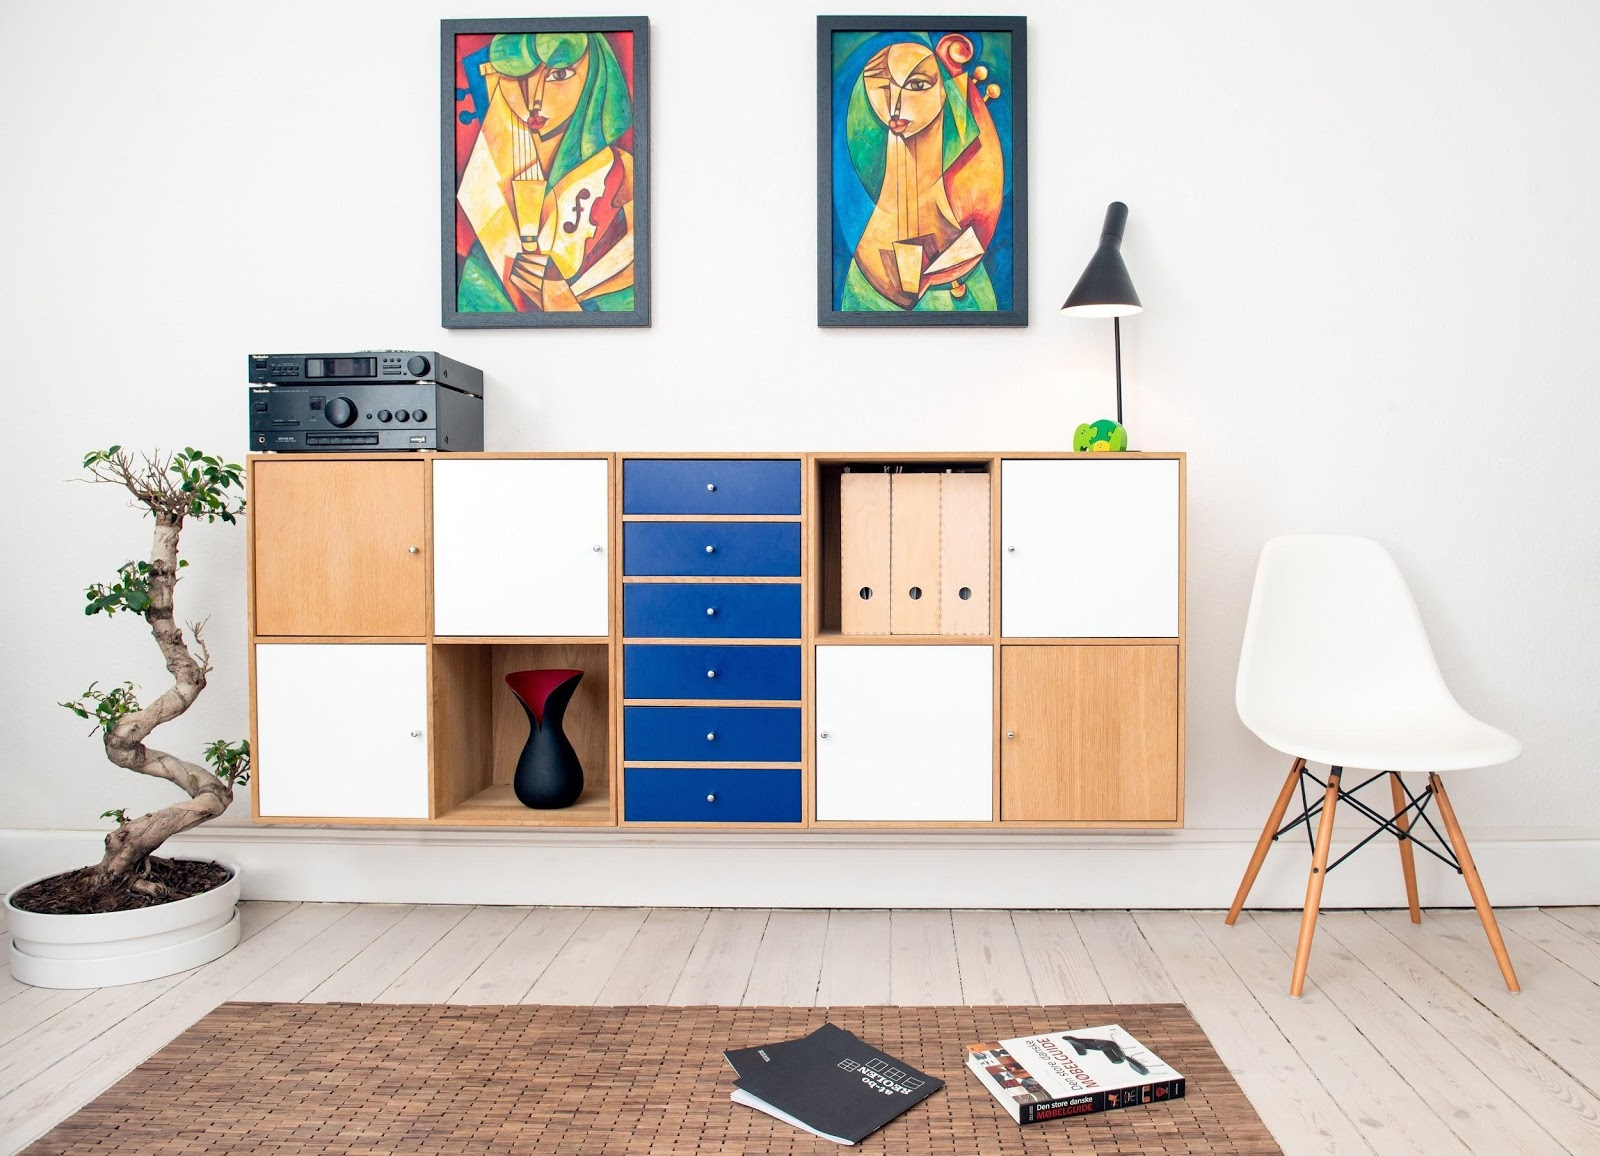 Discount furniture & sales